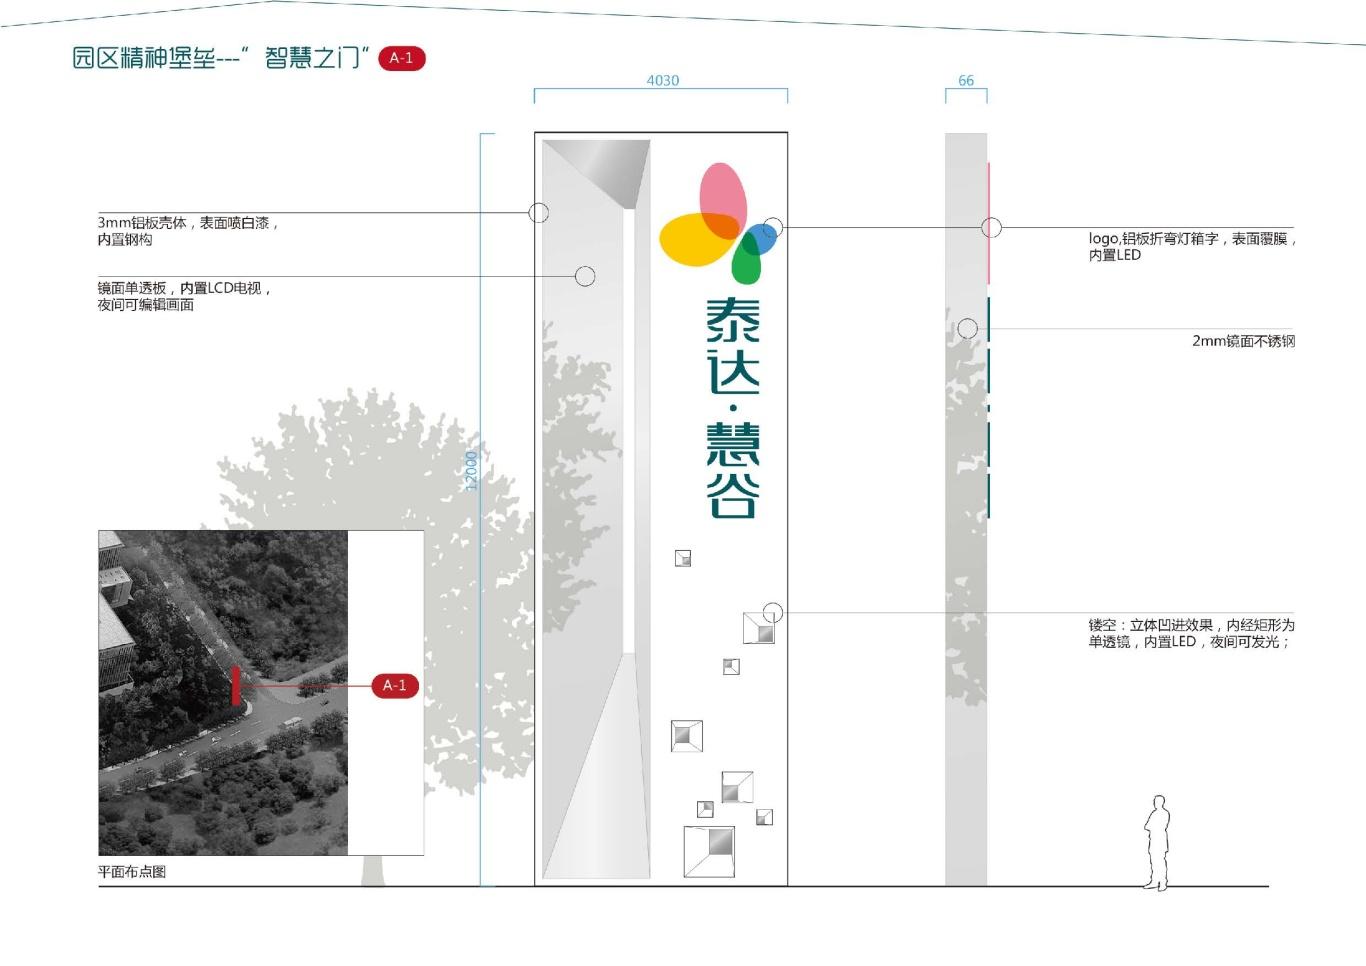 大连泰达慧谷开发区导视系统设计图27